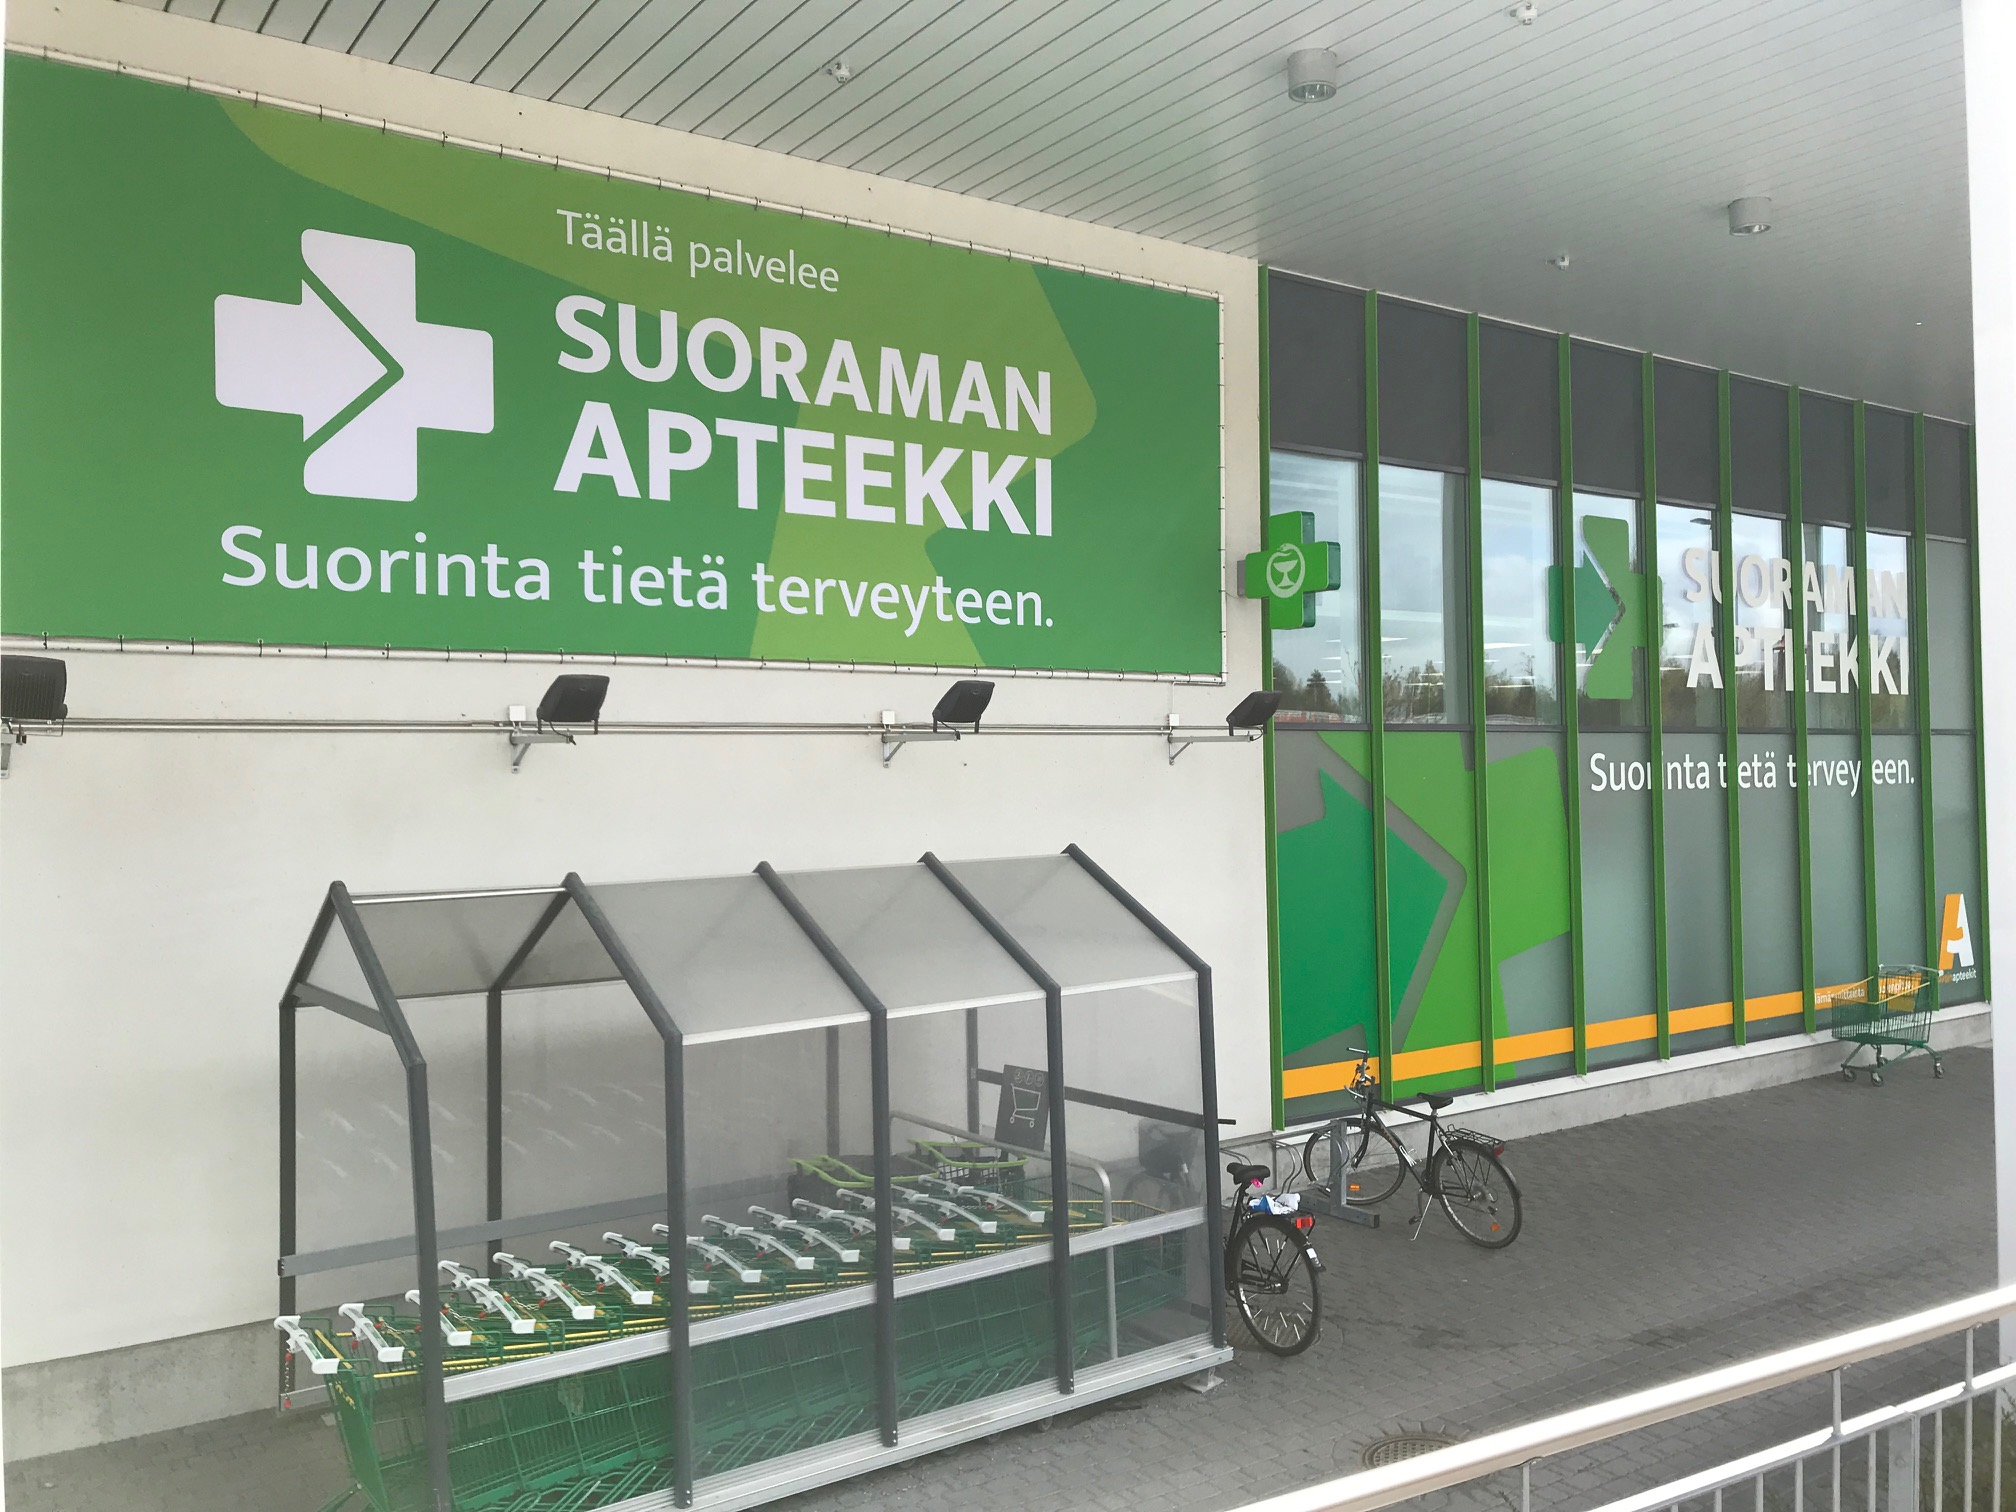 suoraman_apteekki_vmp-interior_muutto.jpg